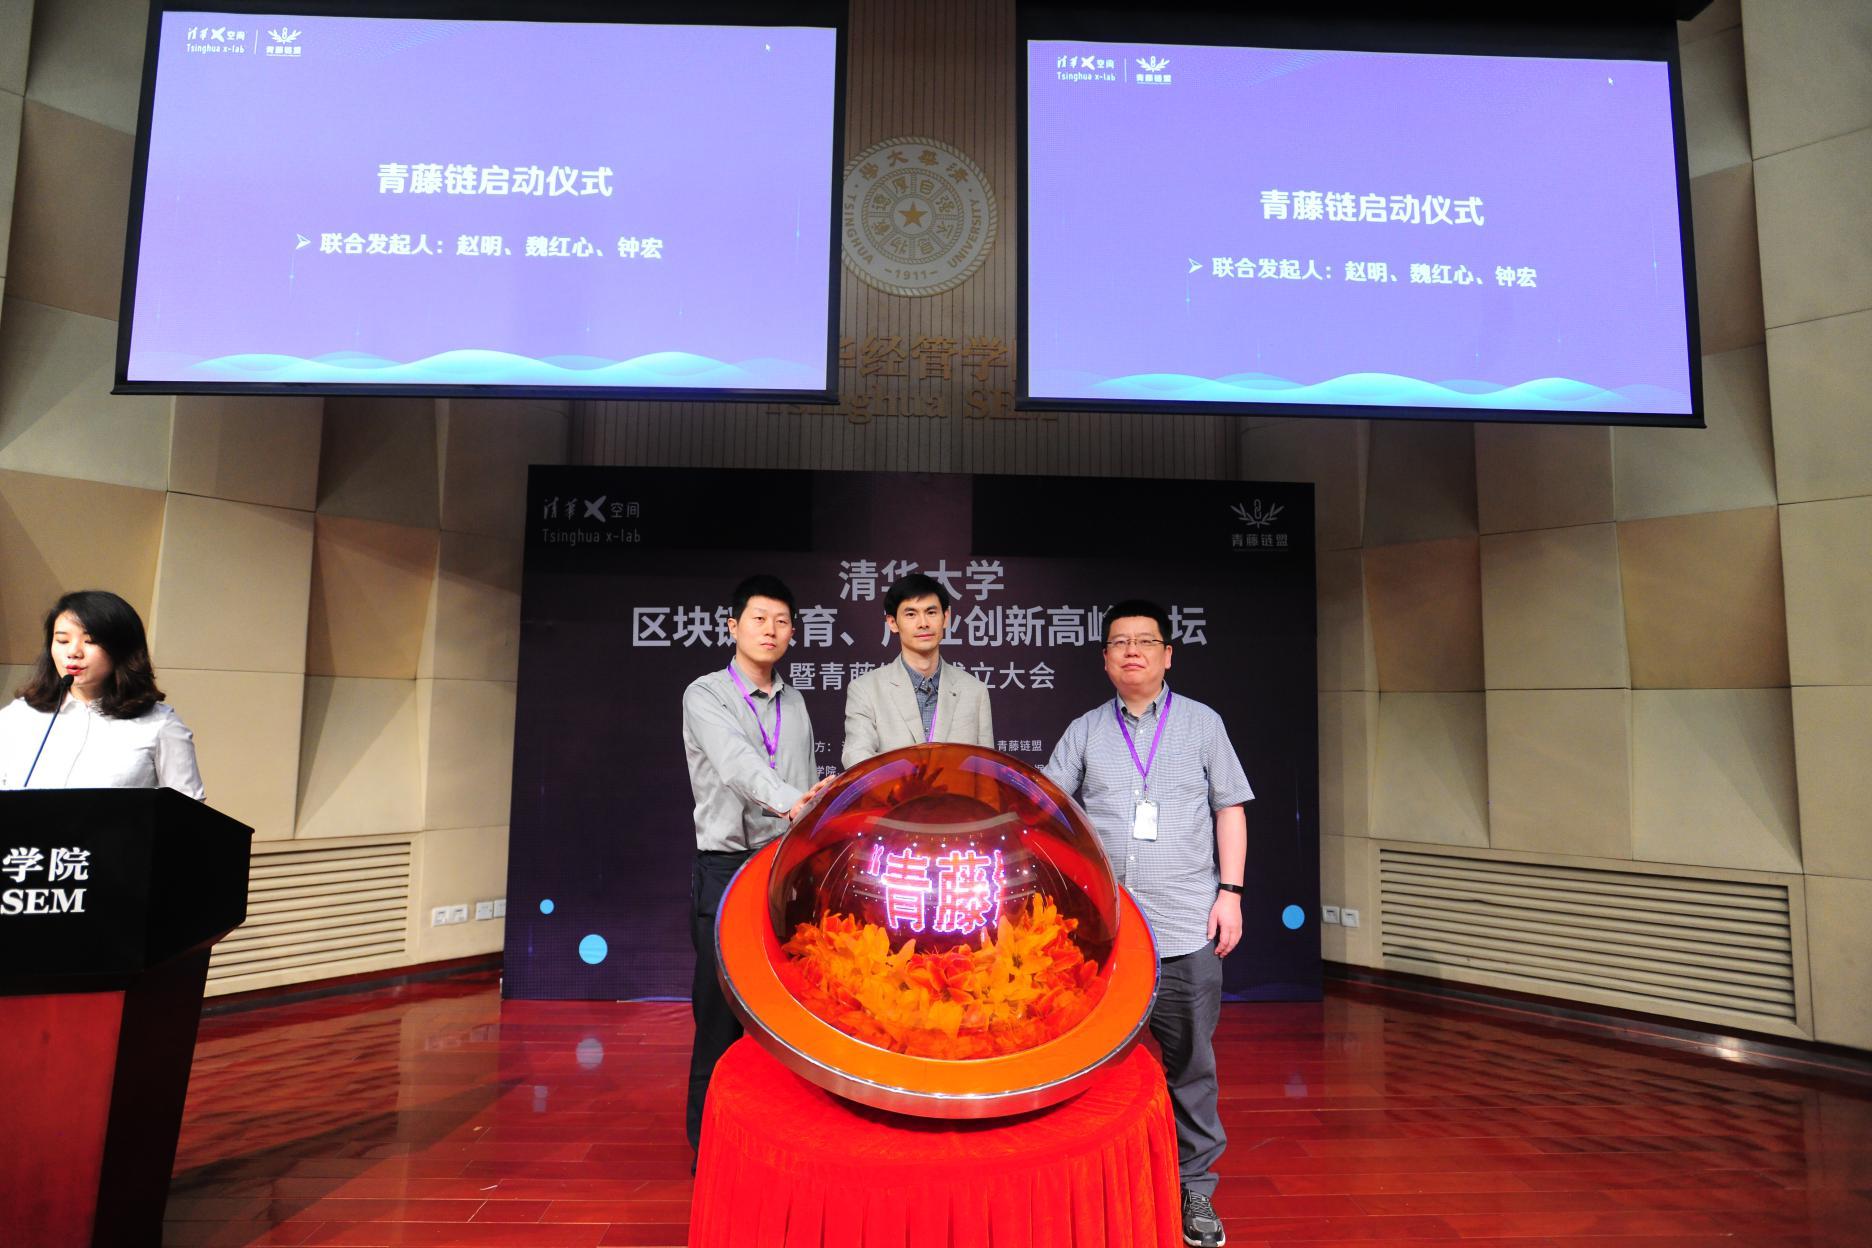 清华区块链创新平台 全球首个高校教育公链发布